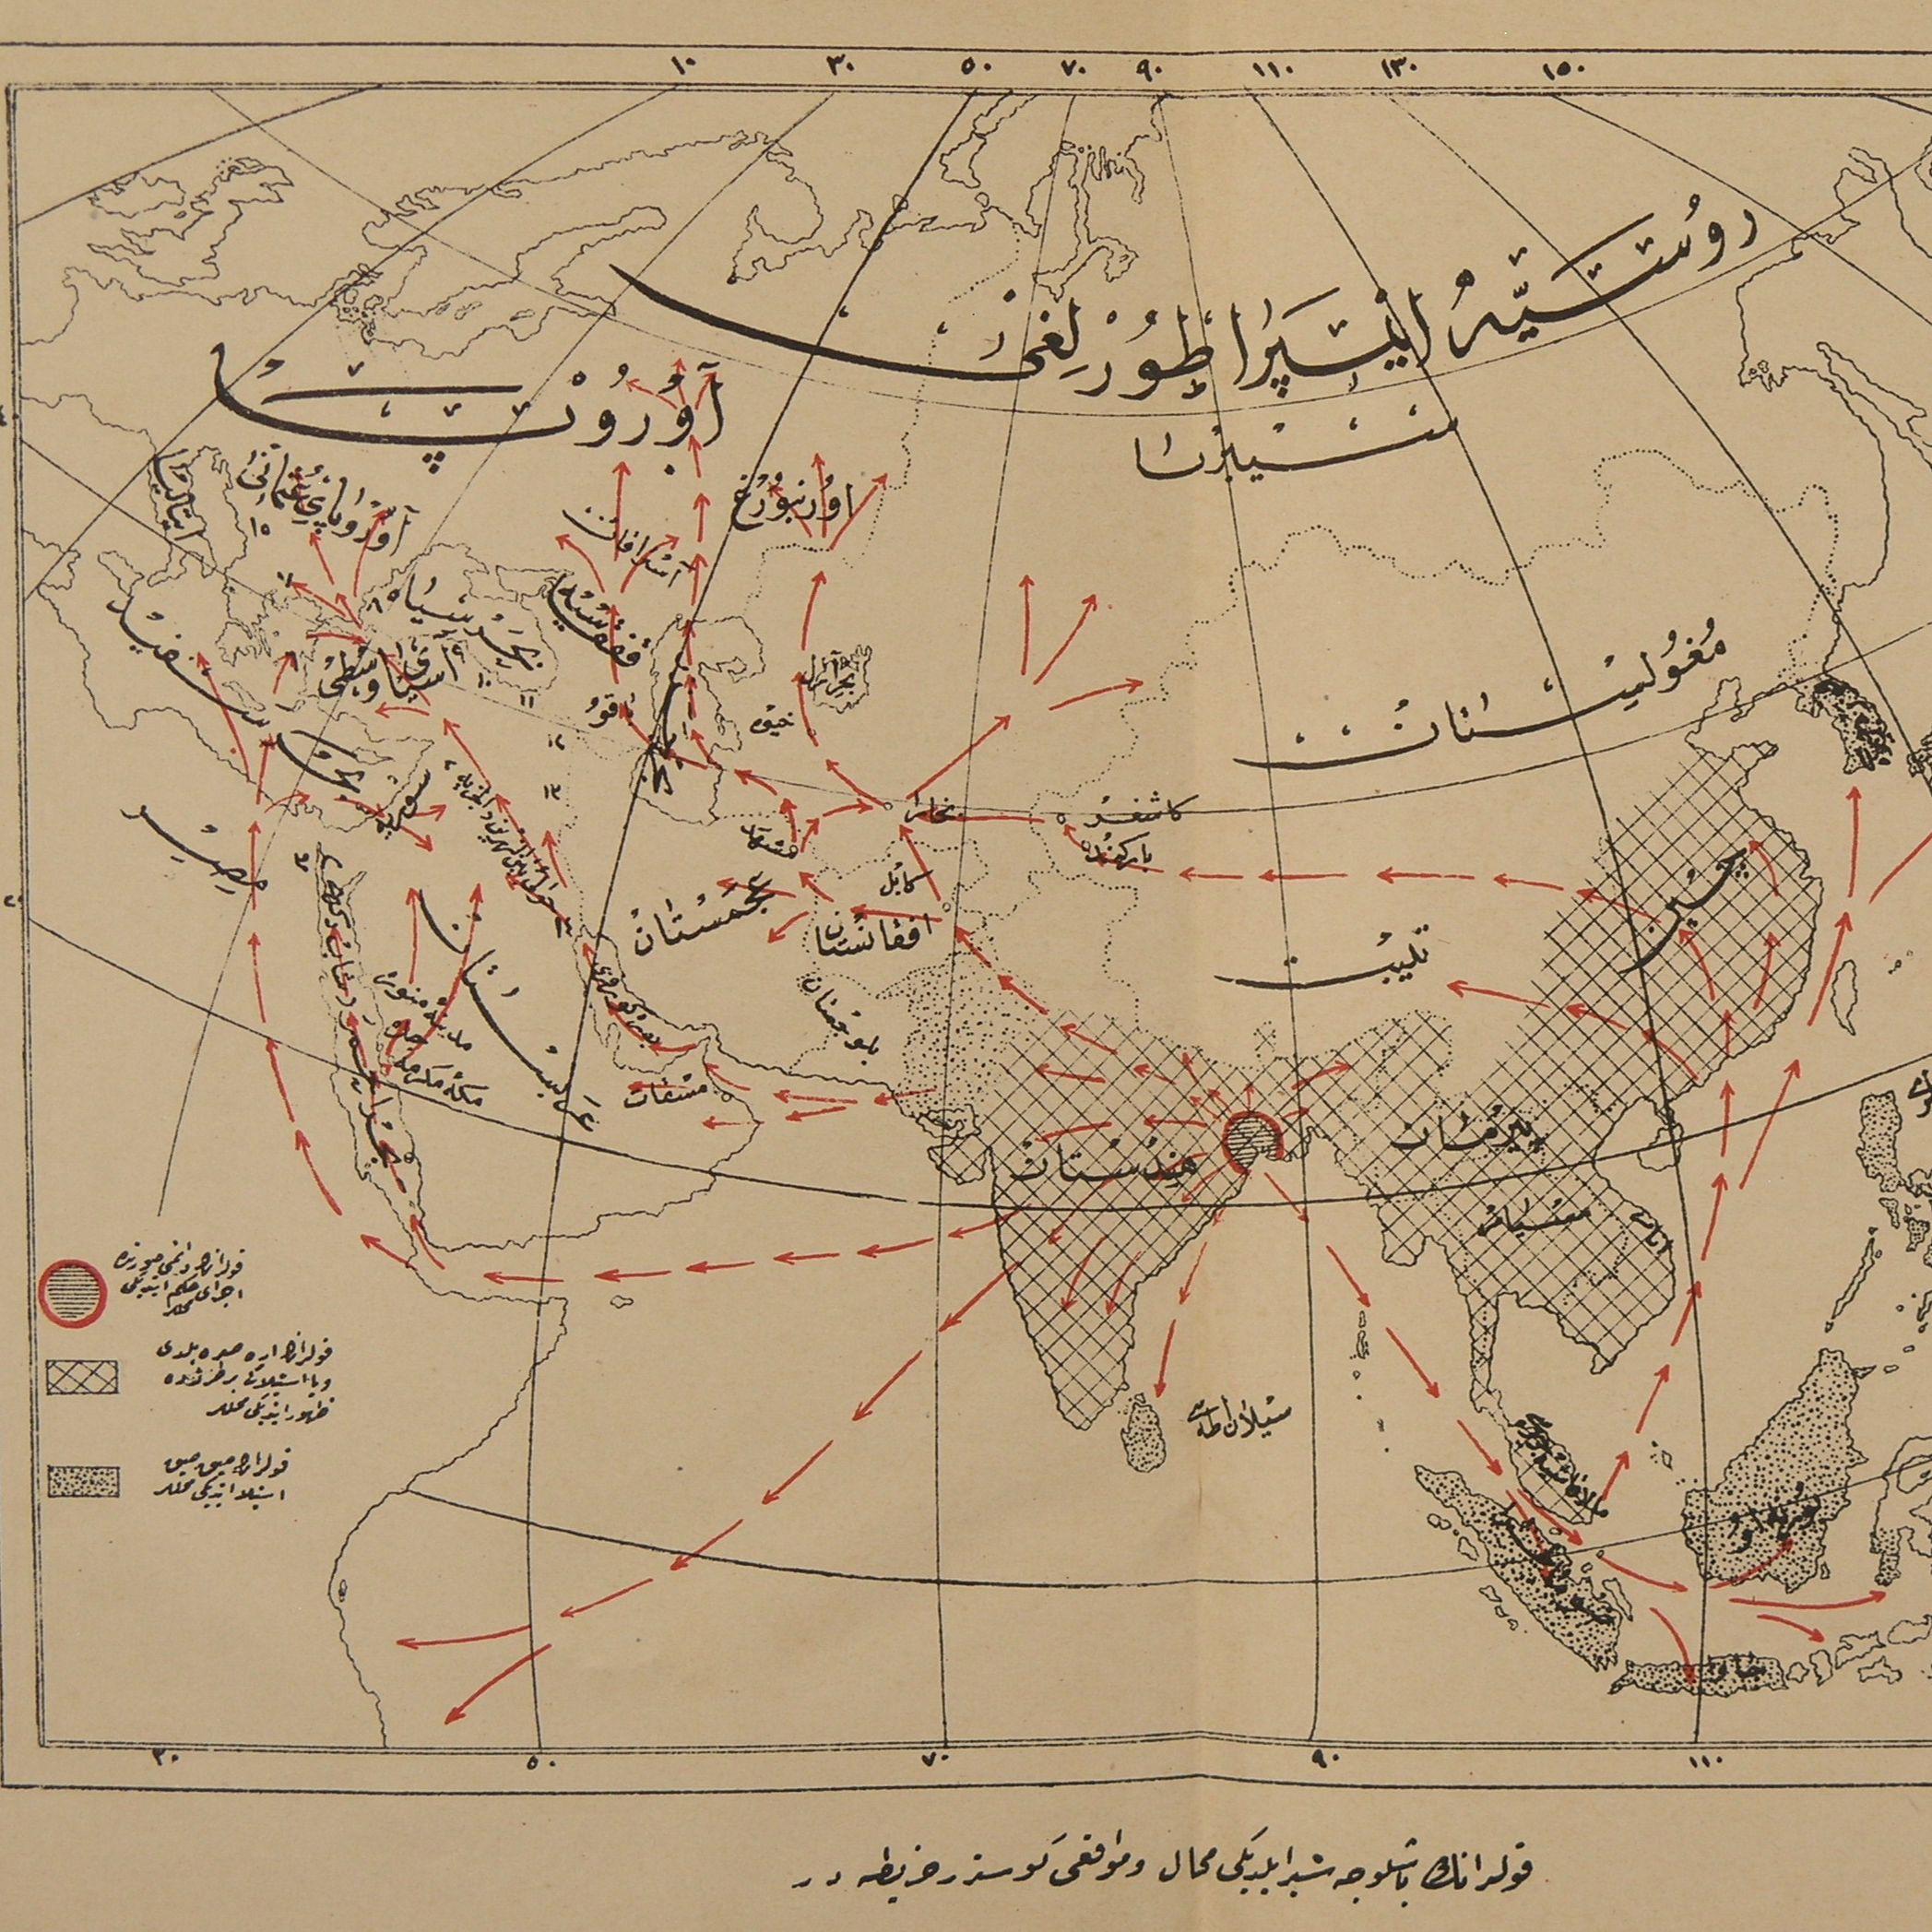 Osmanlı Devleti'nde Salgın Hastalıklarla Mücadele | İsmail Yaşayanlar